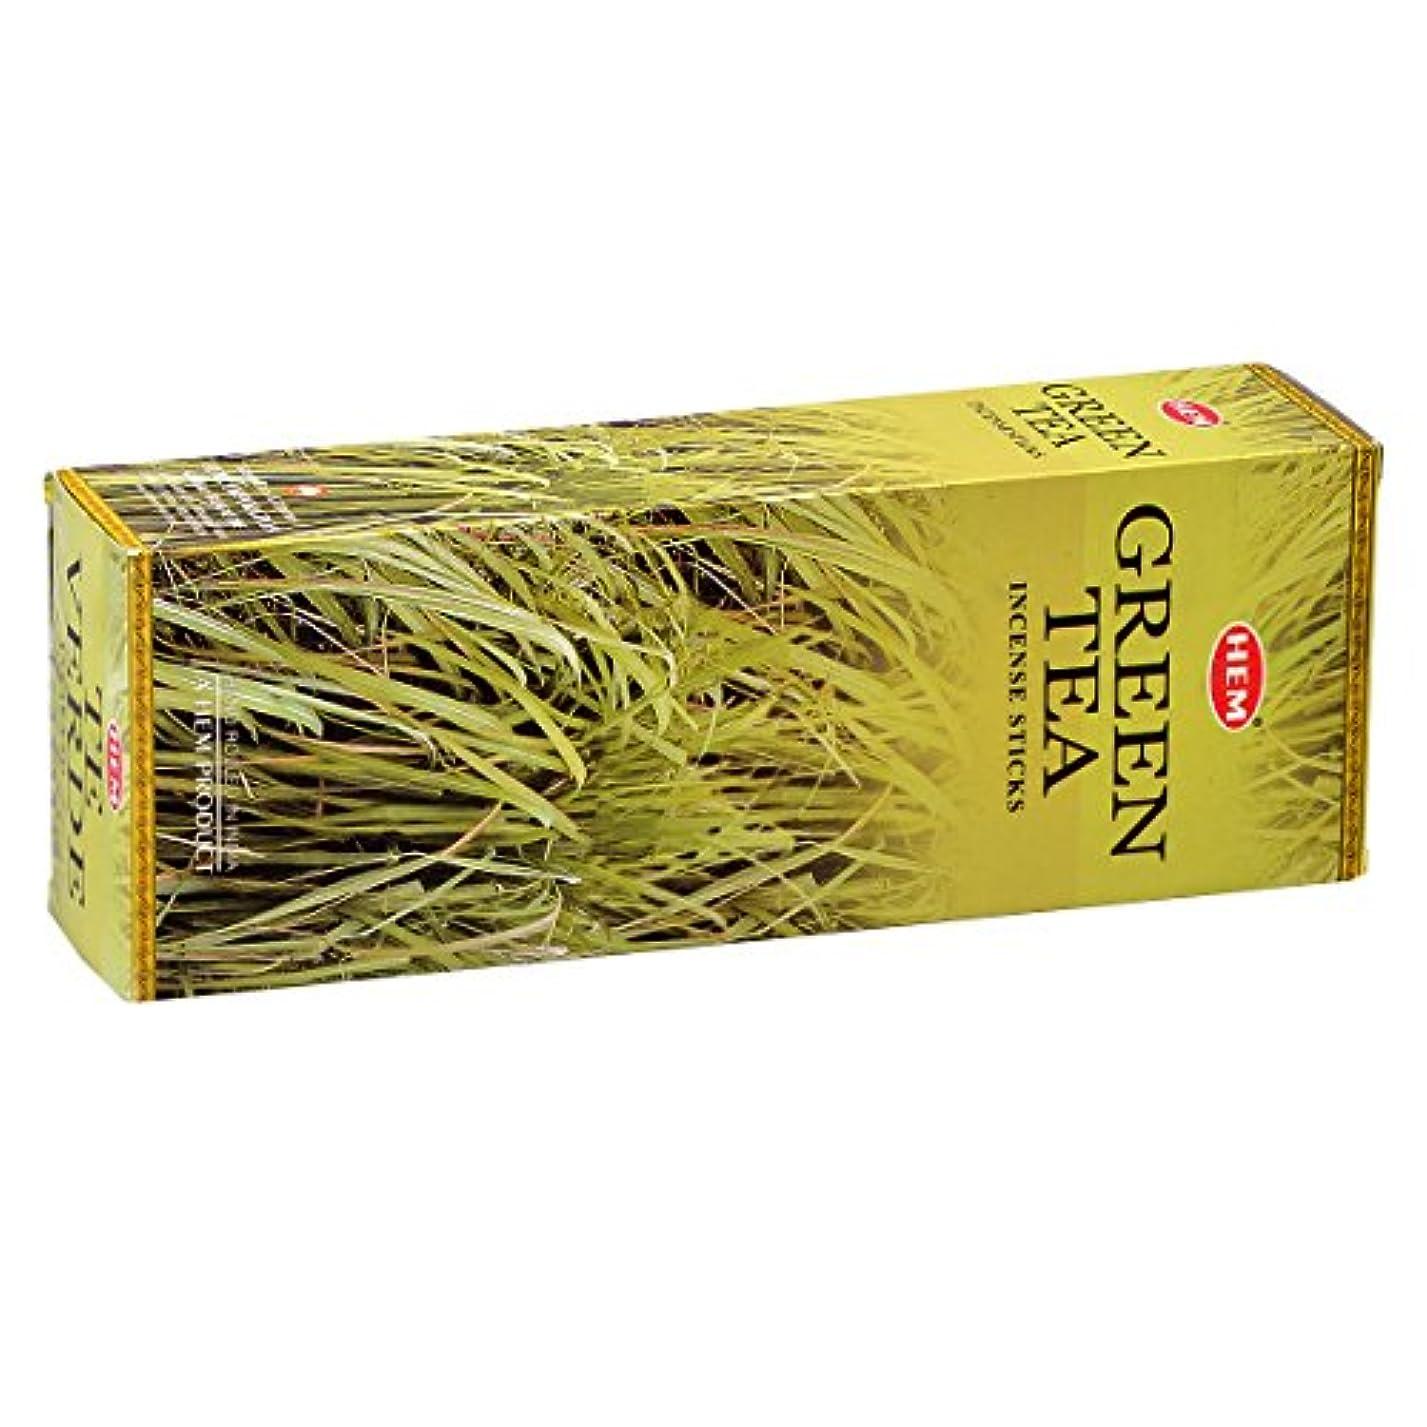 累計ヘビ雑多なHEM(ヘム) グリーン ティー GREEN TEA スティックタイプ お香 6筒 セット [並行輸入品]